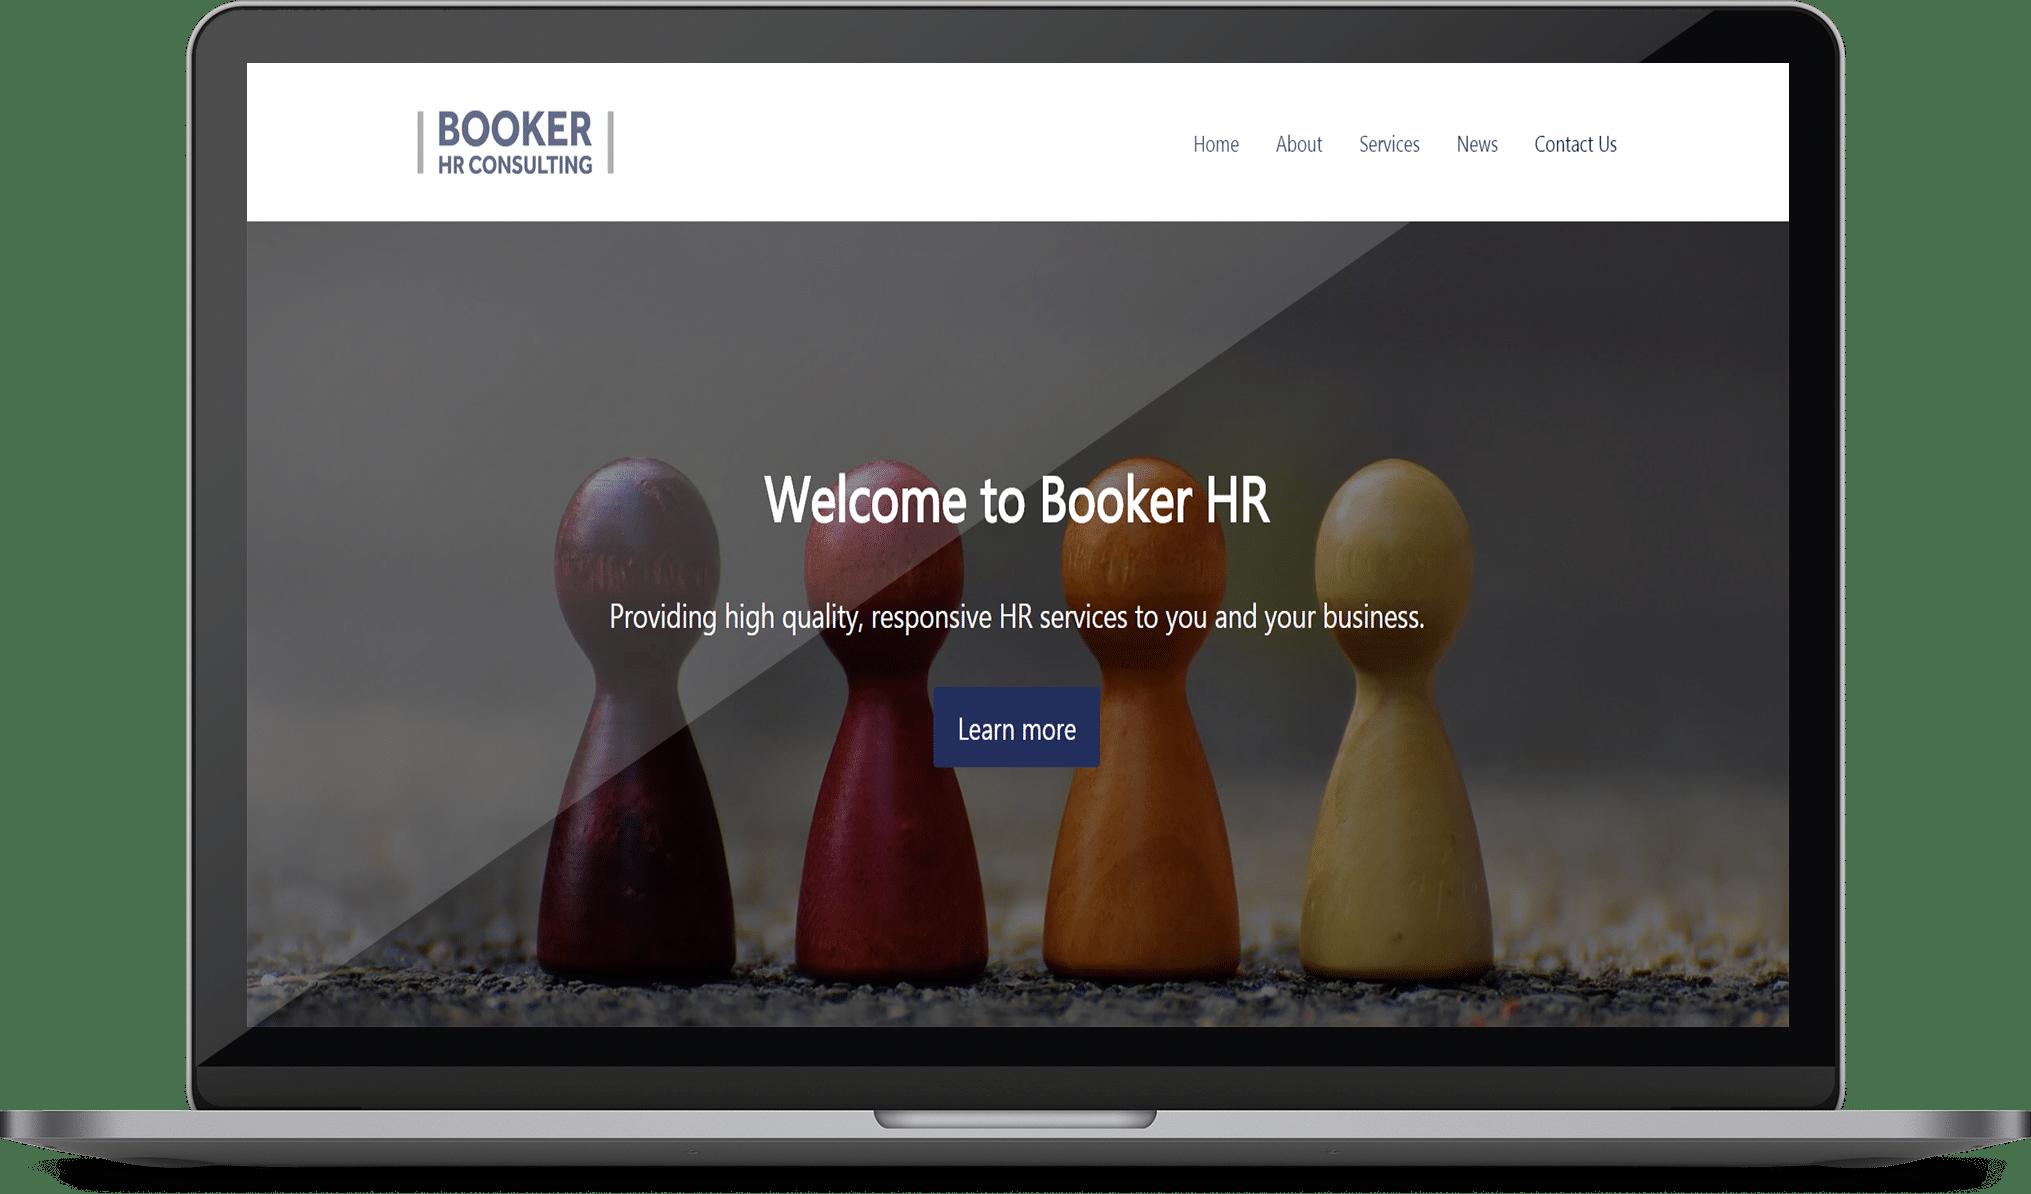 Booker HR